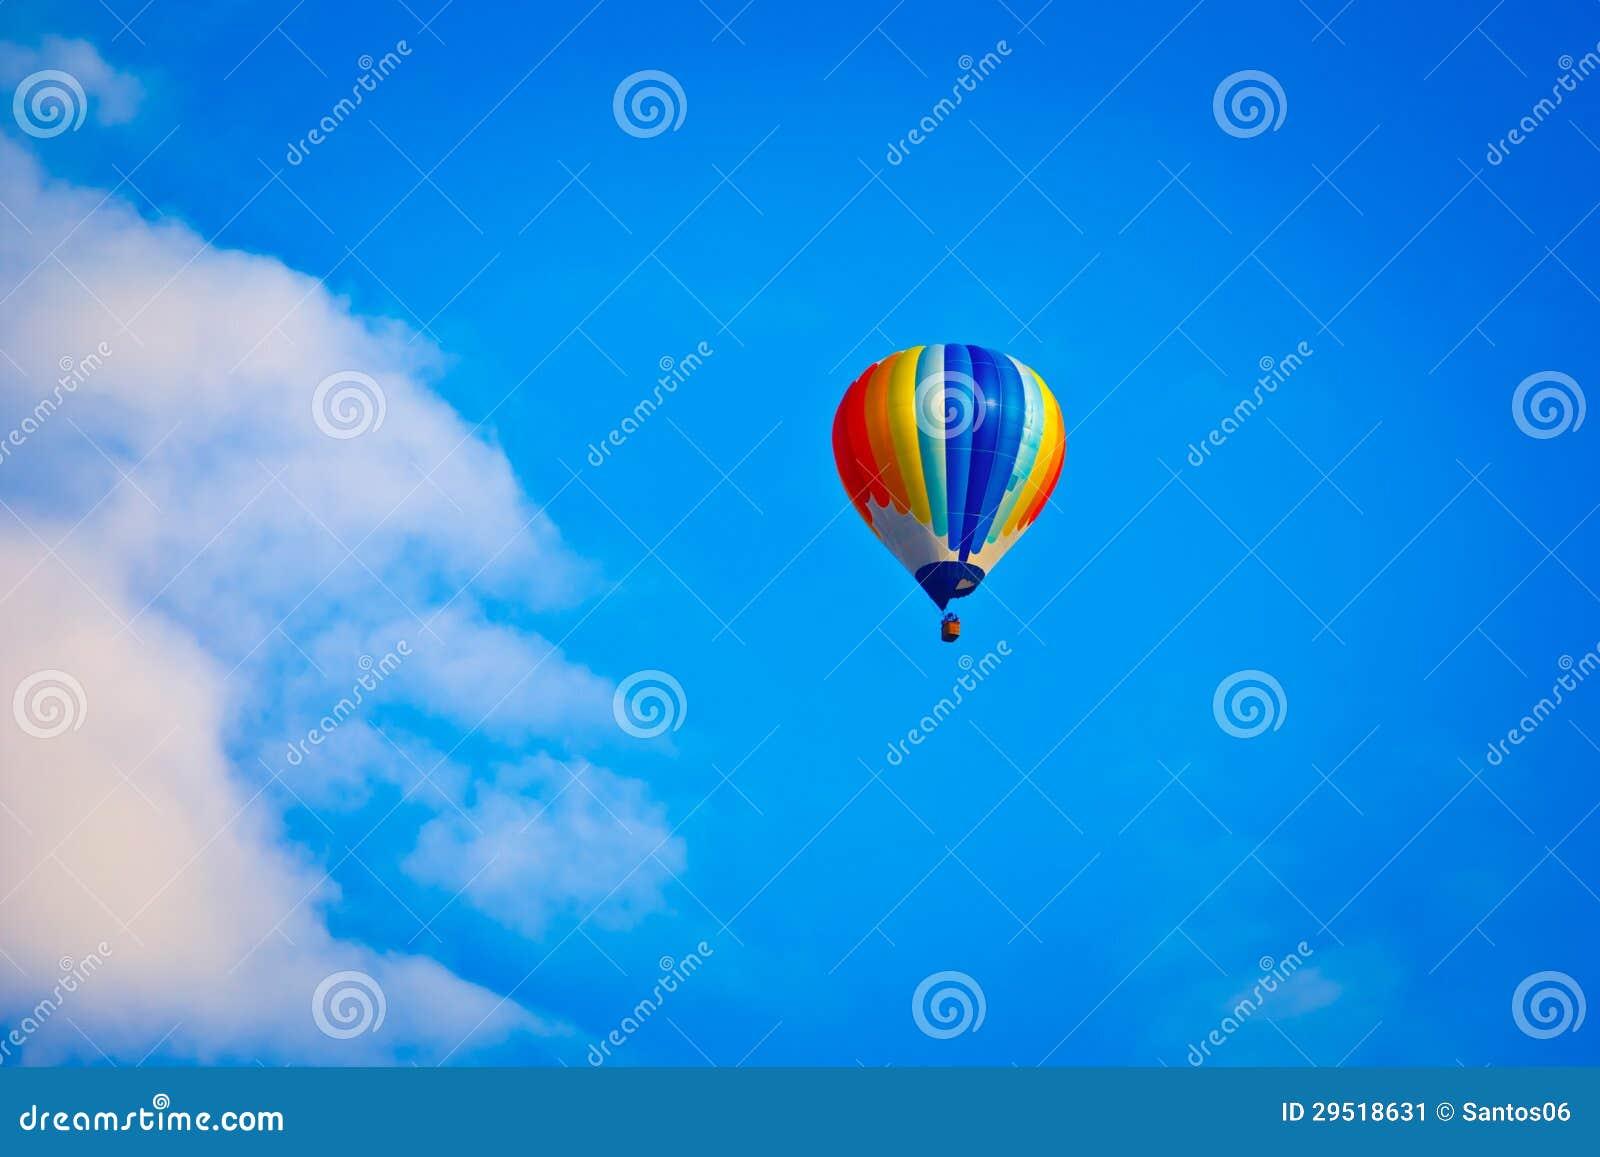 Powietrze balon